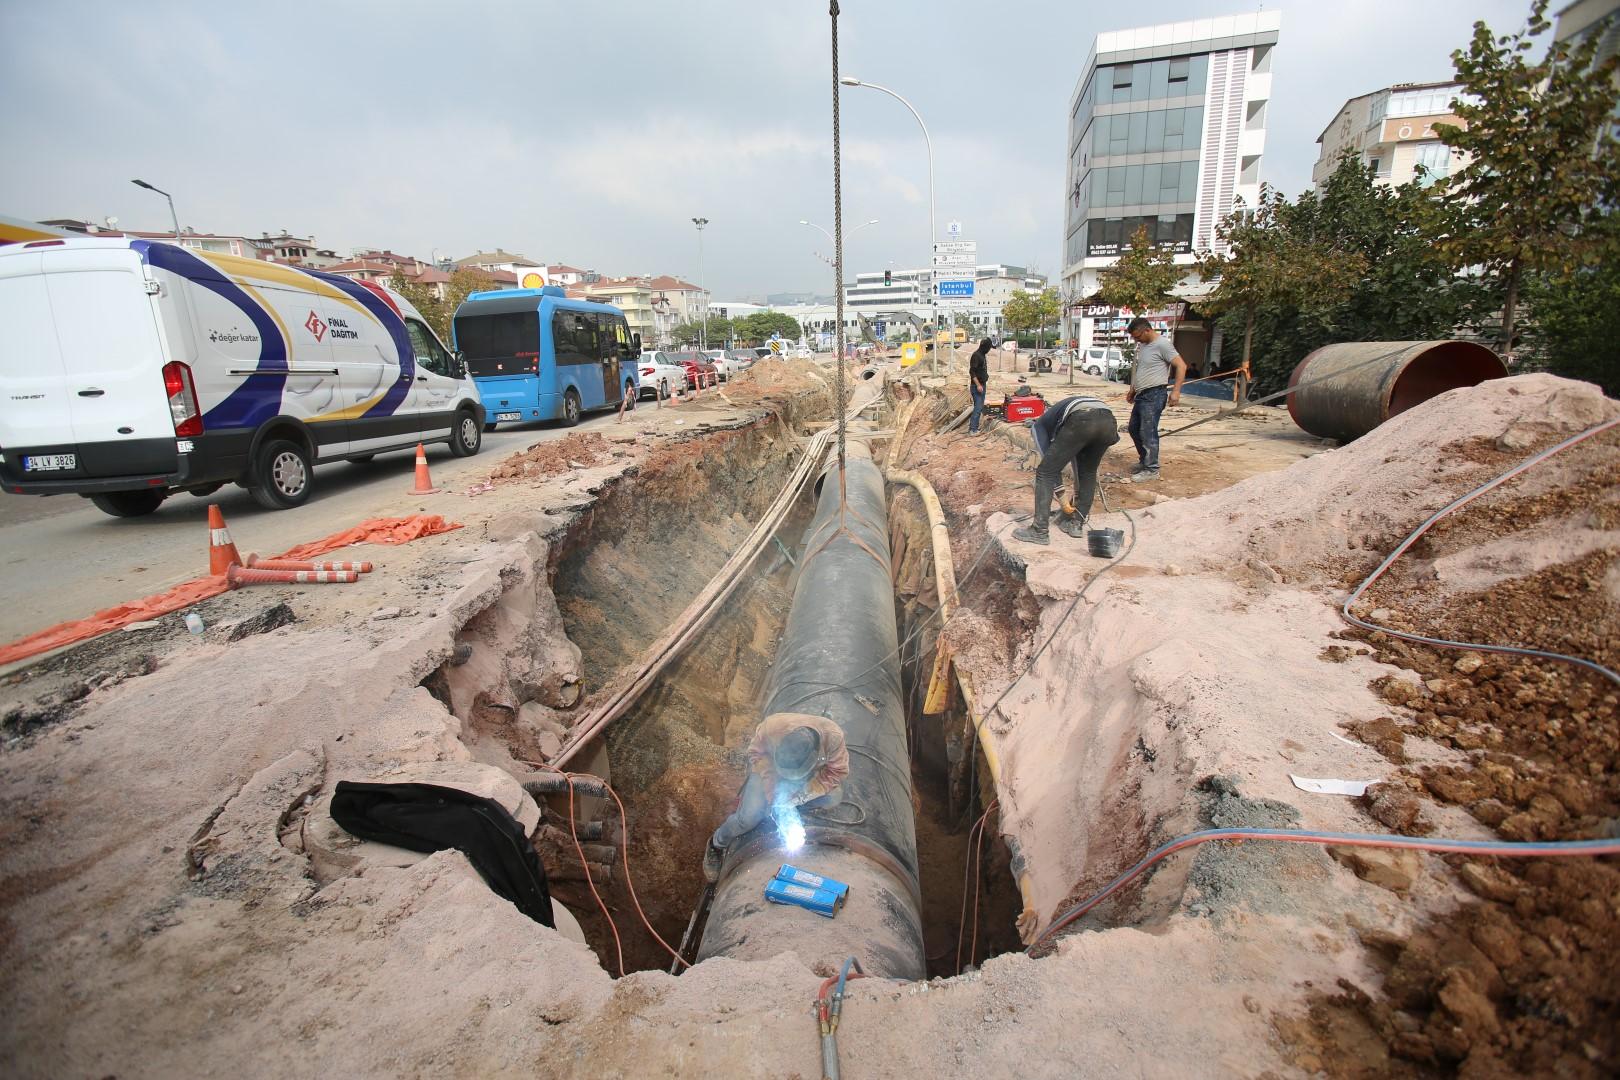 Gebze'de su kesintilerini tarihe gömecek 20 milyonluk projede hummalı çalışma sürüyor